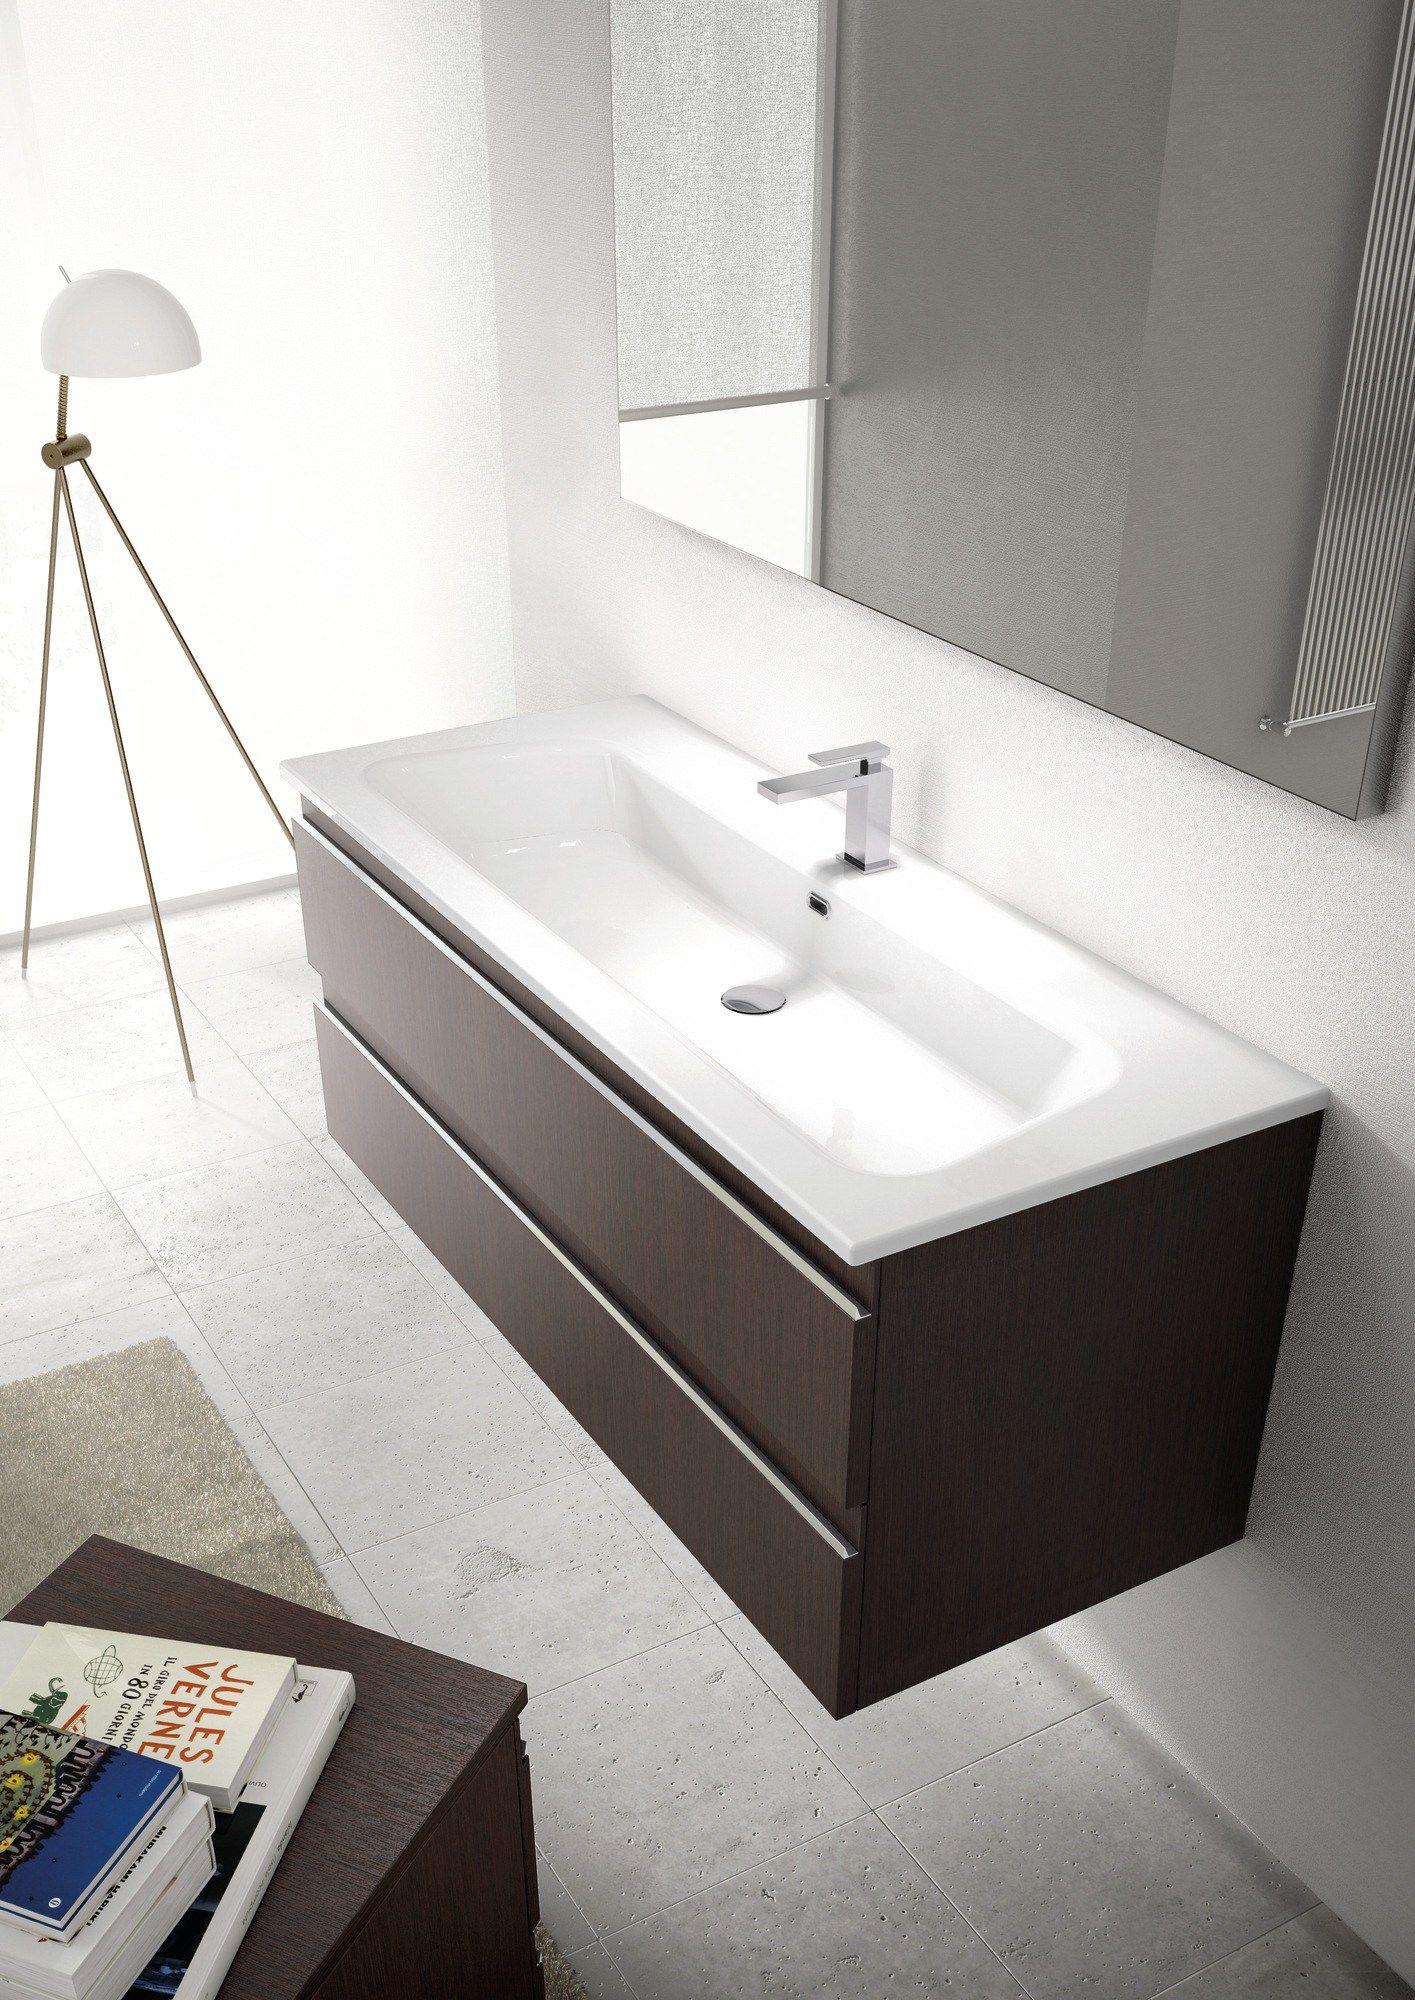 arredo bagno completo mistral comp 06 by idea - Blob Arredo Bagno